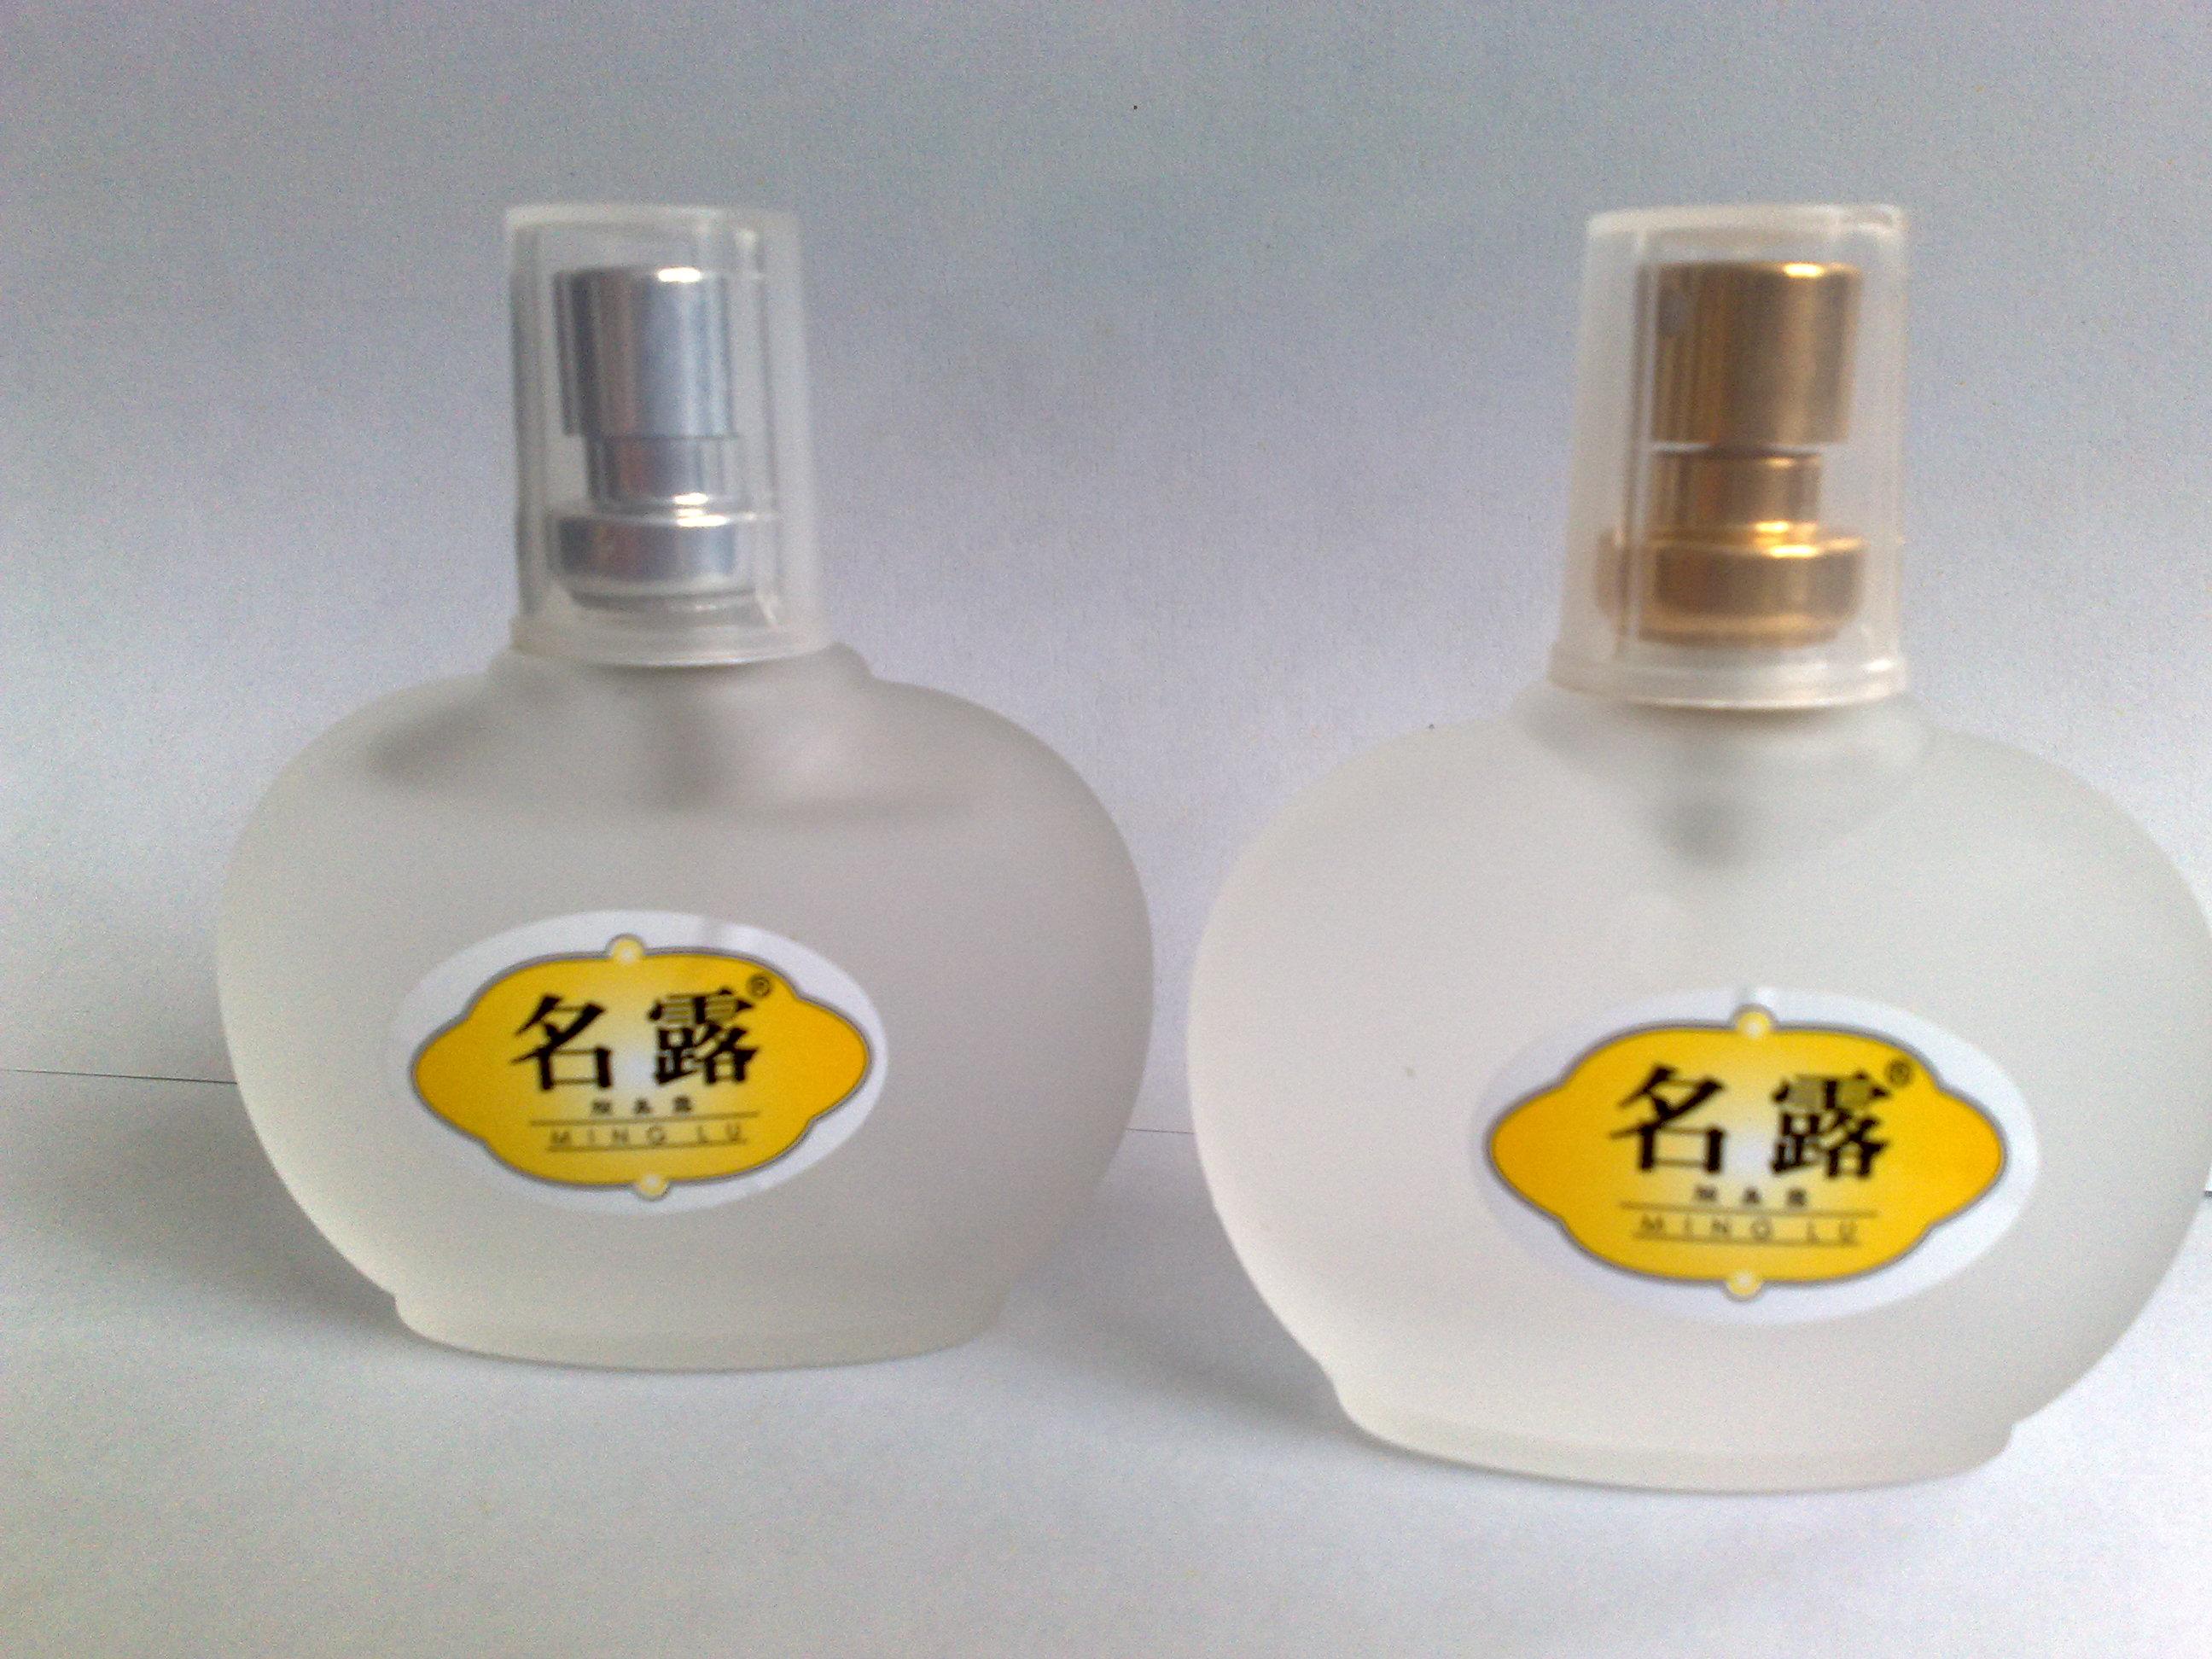 江苏高质量的香水瓶推荐_创新的香水瓶